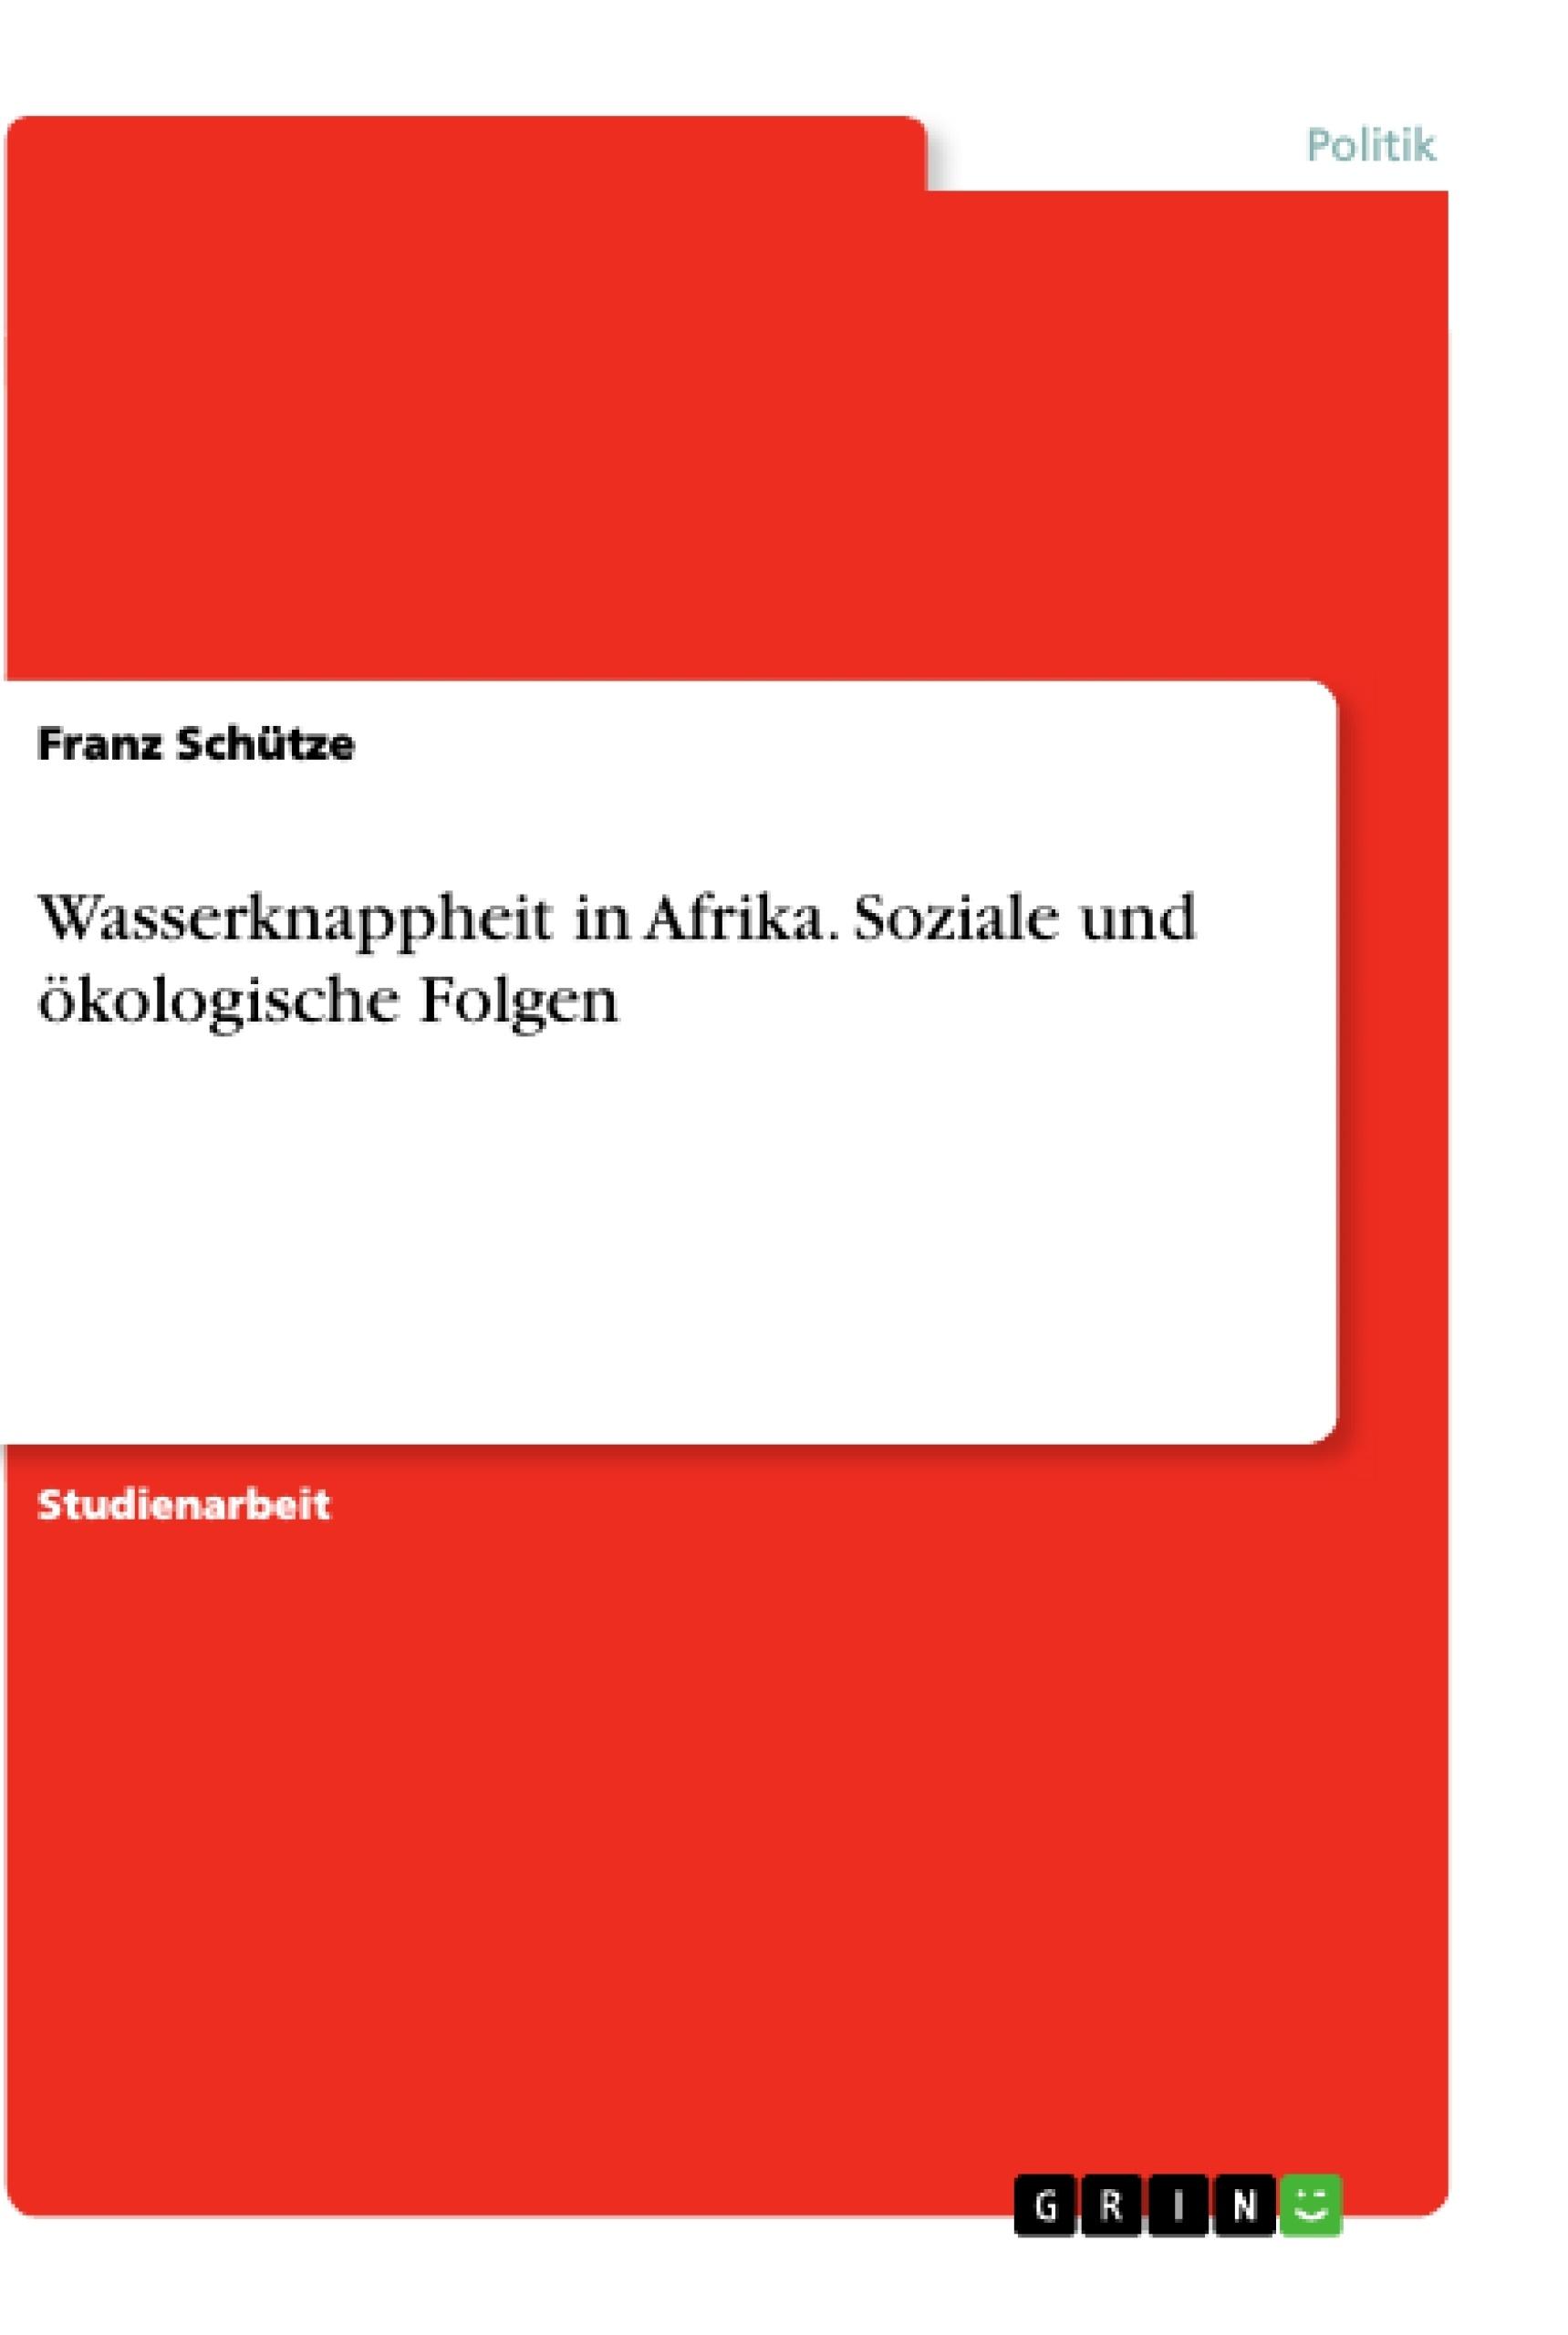 Titel: Wasserknappheit in Afrika. Soziale und ökologische Folgen